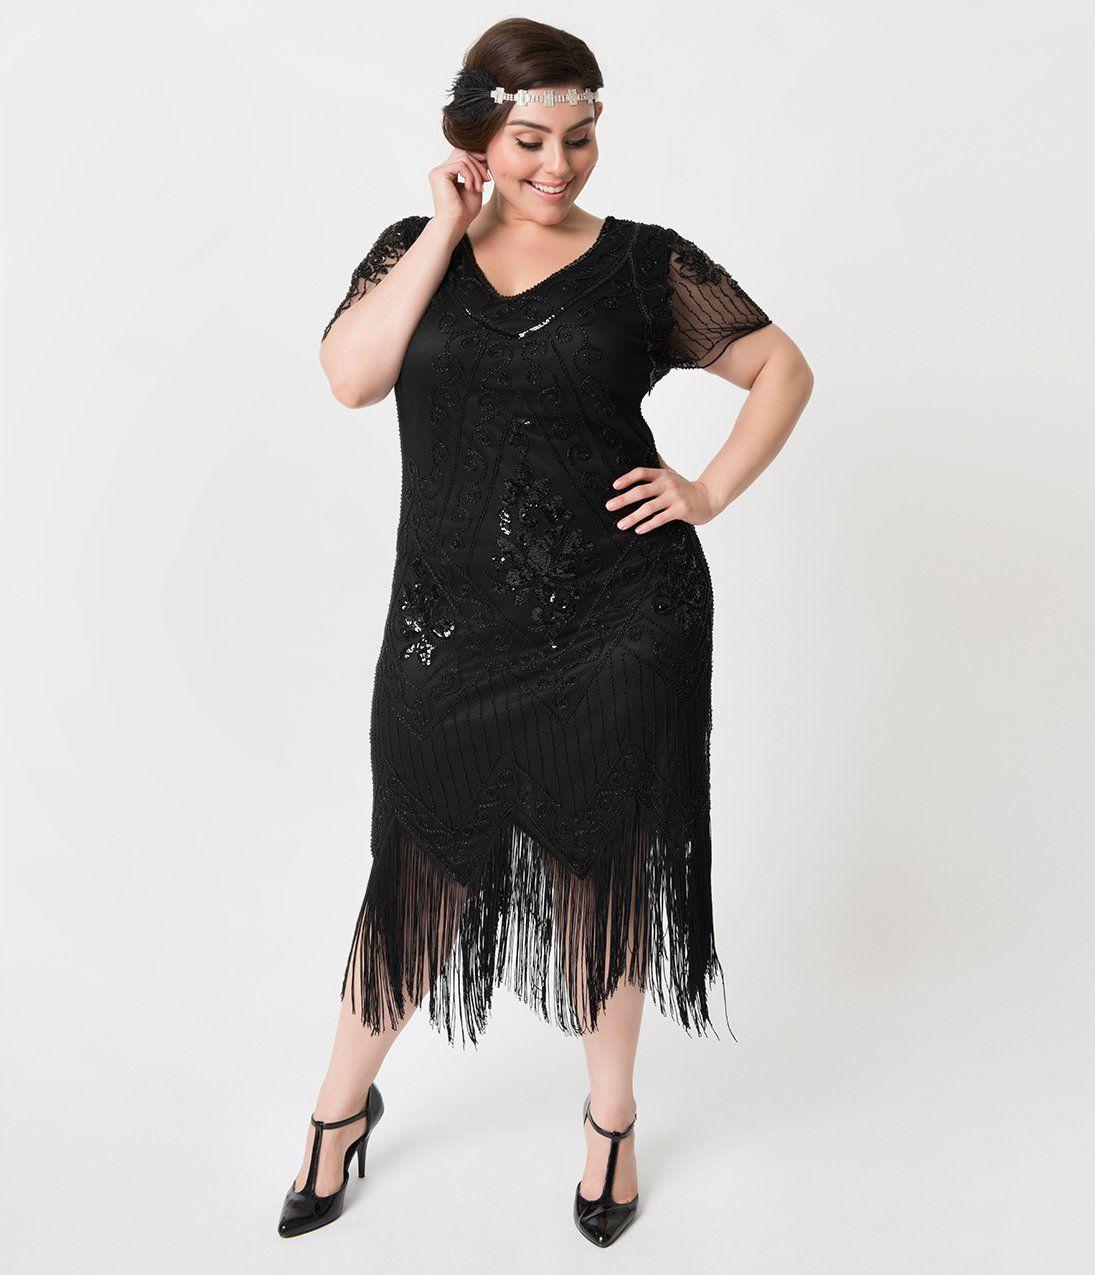 Shop 1920s Plus Size Dresses and Costumes | Plus size flapper ...